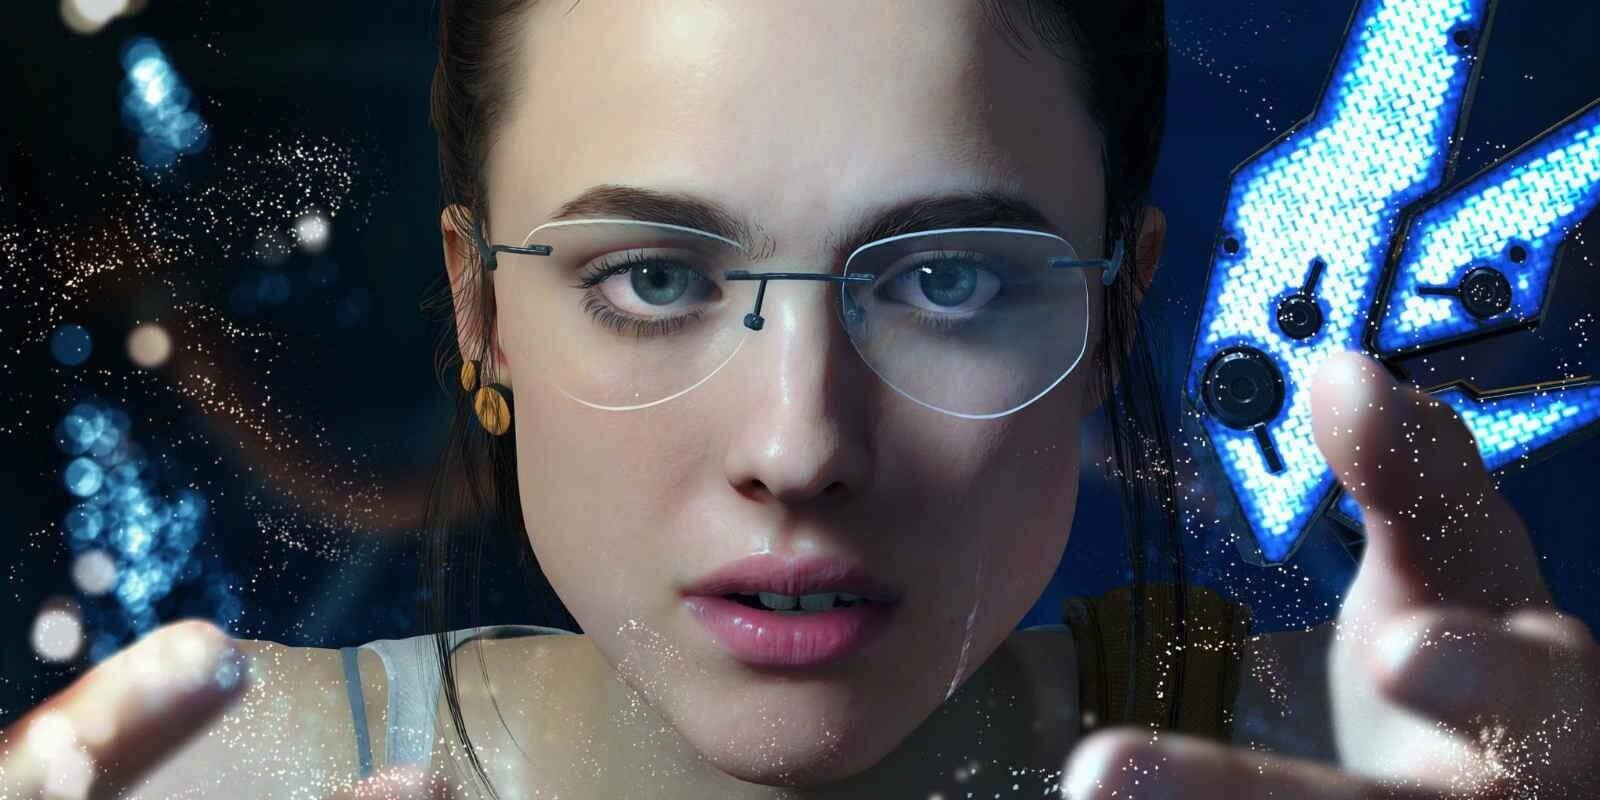 7 Karakter Perempuan Paling Cantik Di Game Tahun 2019